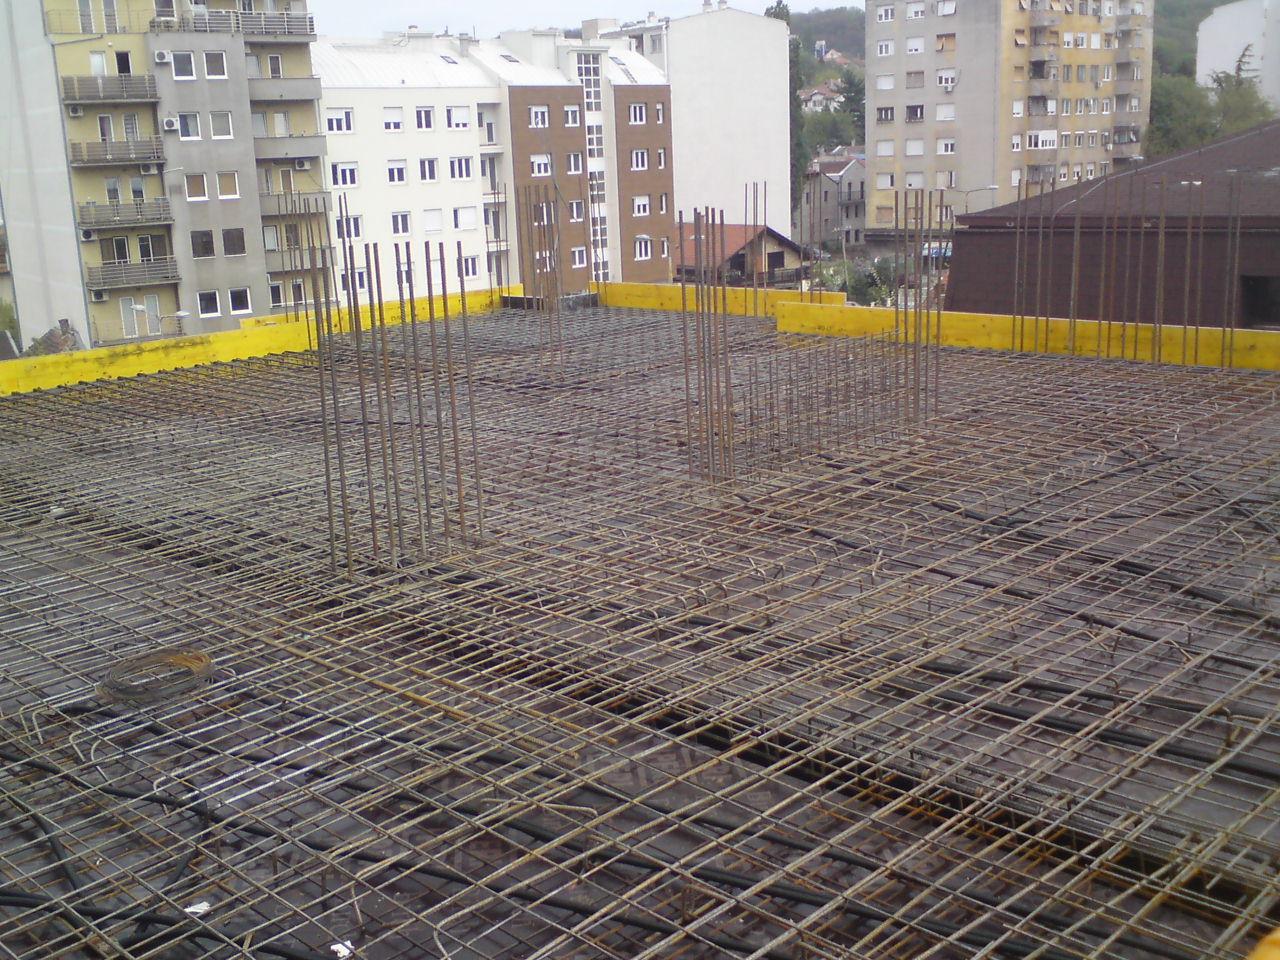 4e399fc18d52 Concrete slab 3rd floor